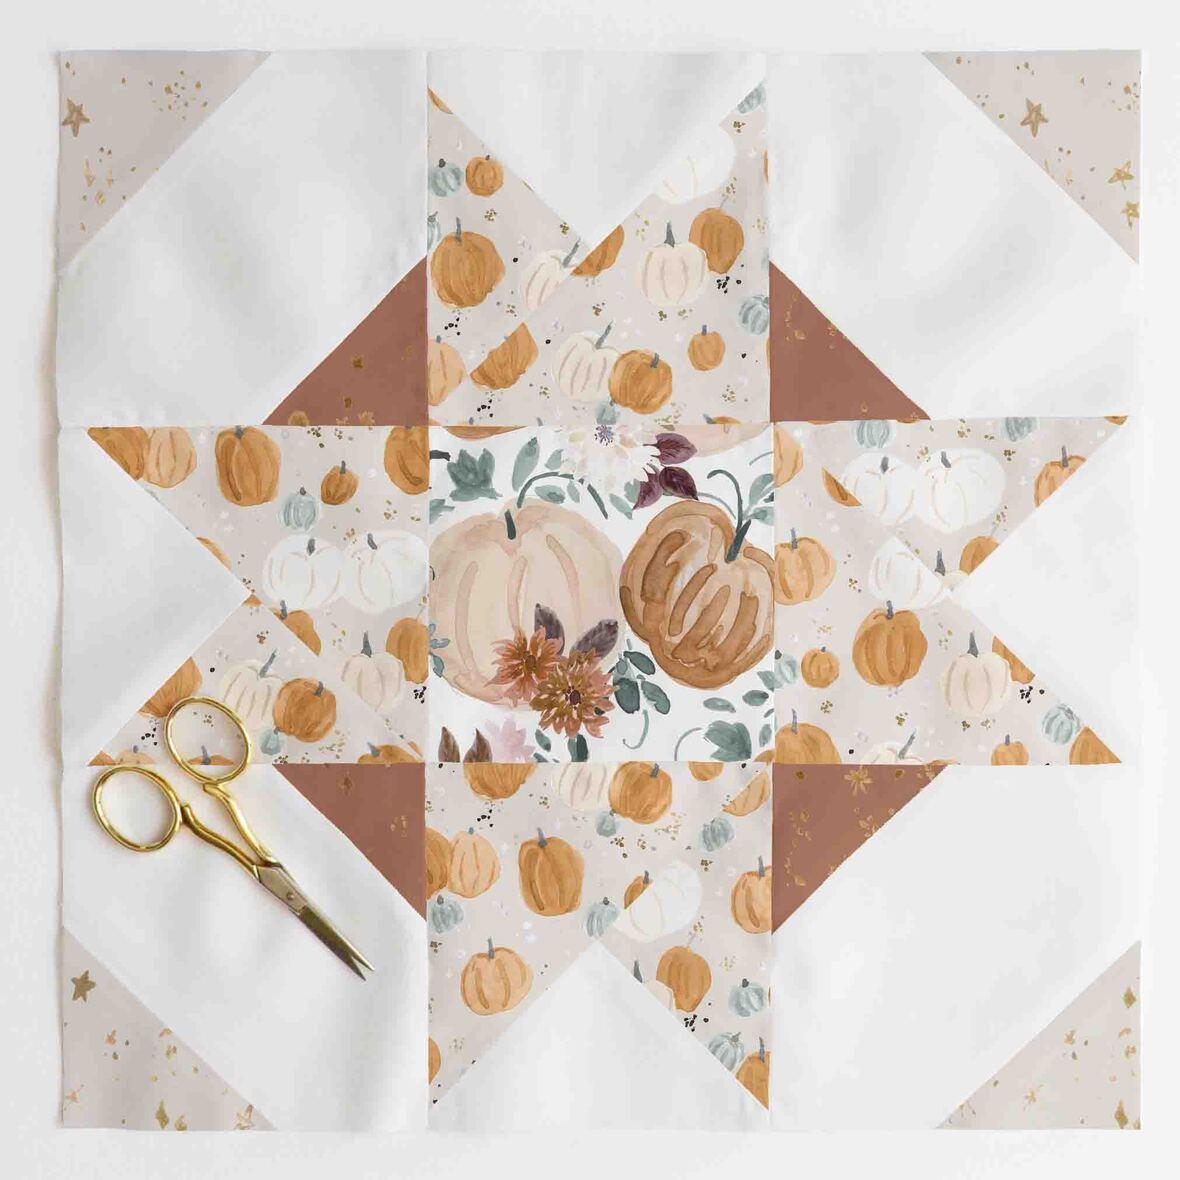 compass star quilt block 3.1